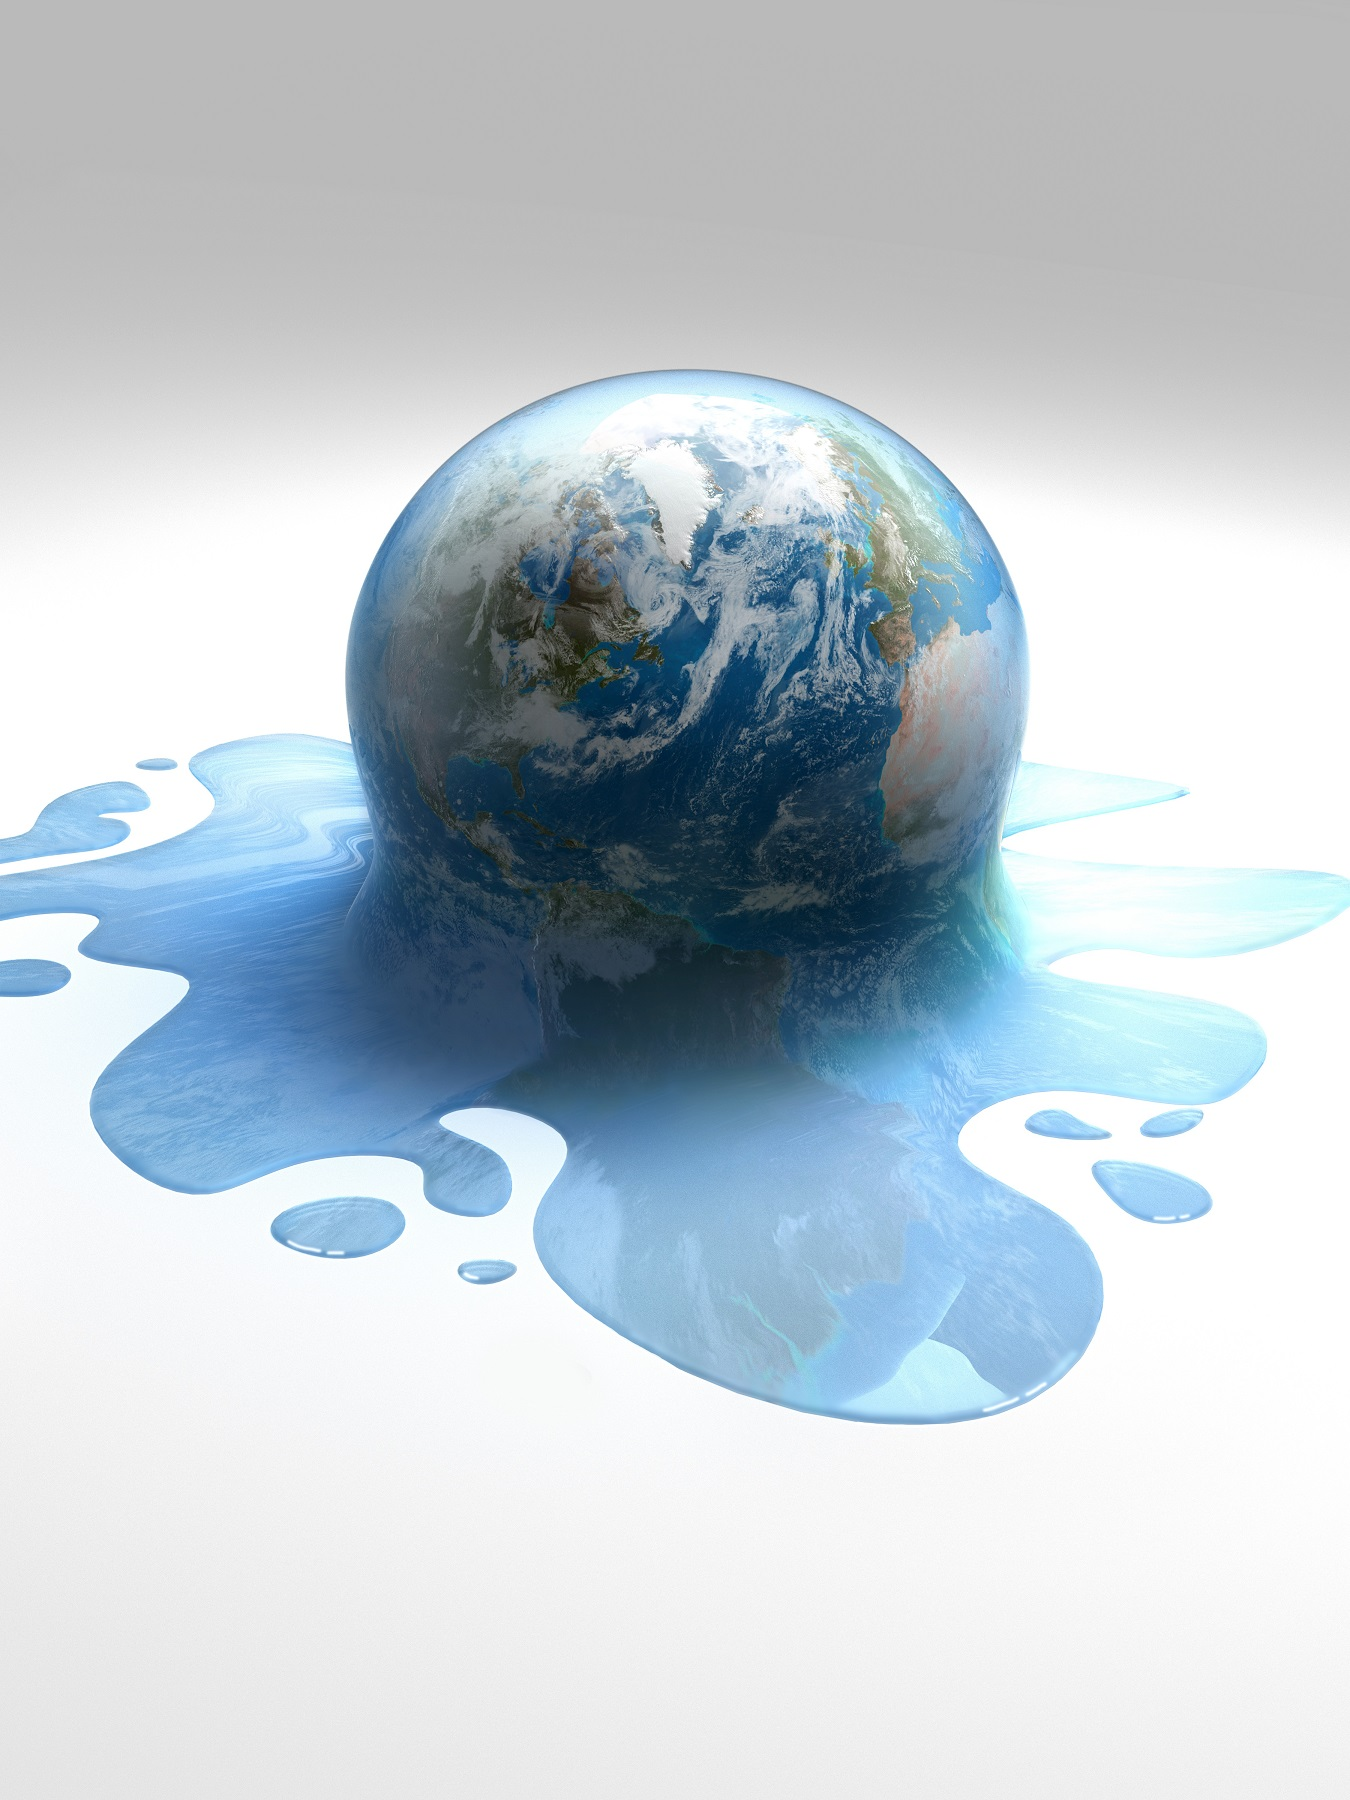 De acordo com cientistas da Universidade Princeton, meio grau de aquecimento pode levar à enchentes em cidades costeiras habitadas apor 5 milhões de pessoas. Science Photo Library